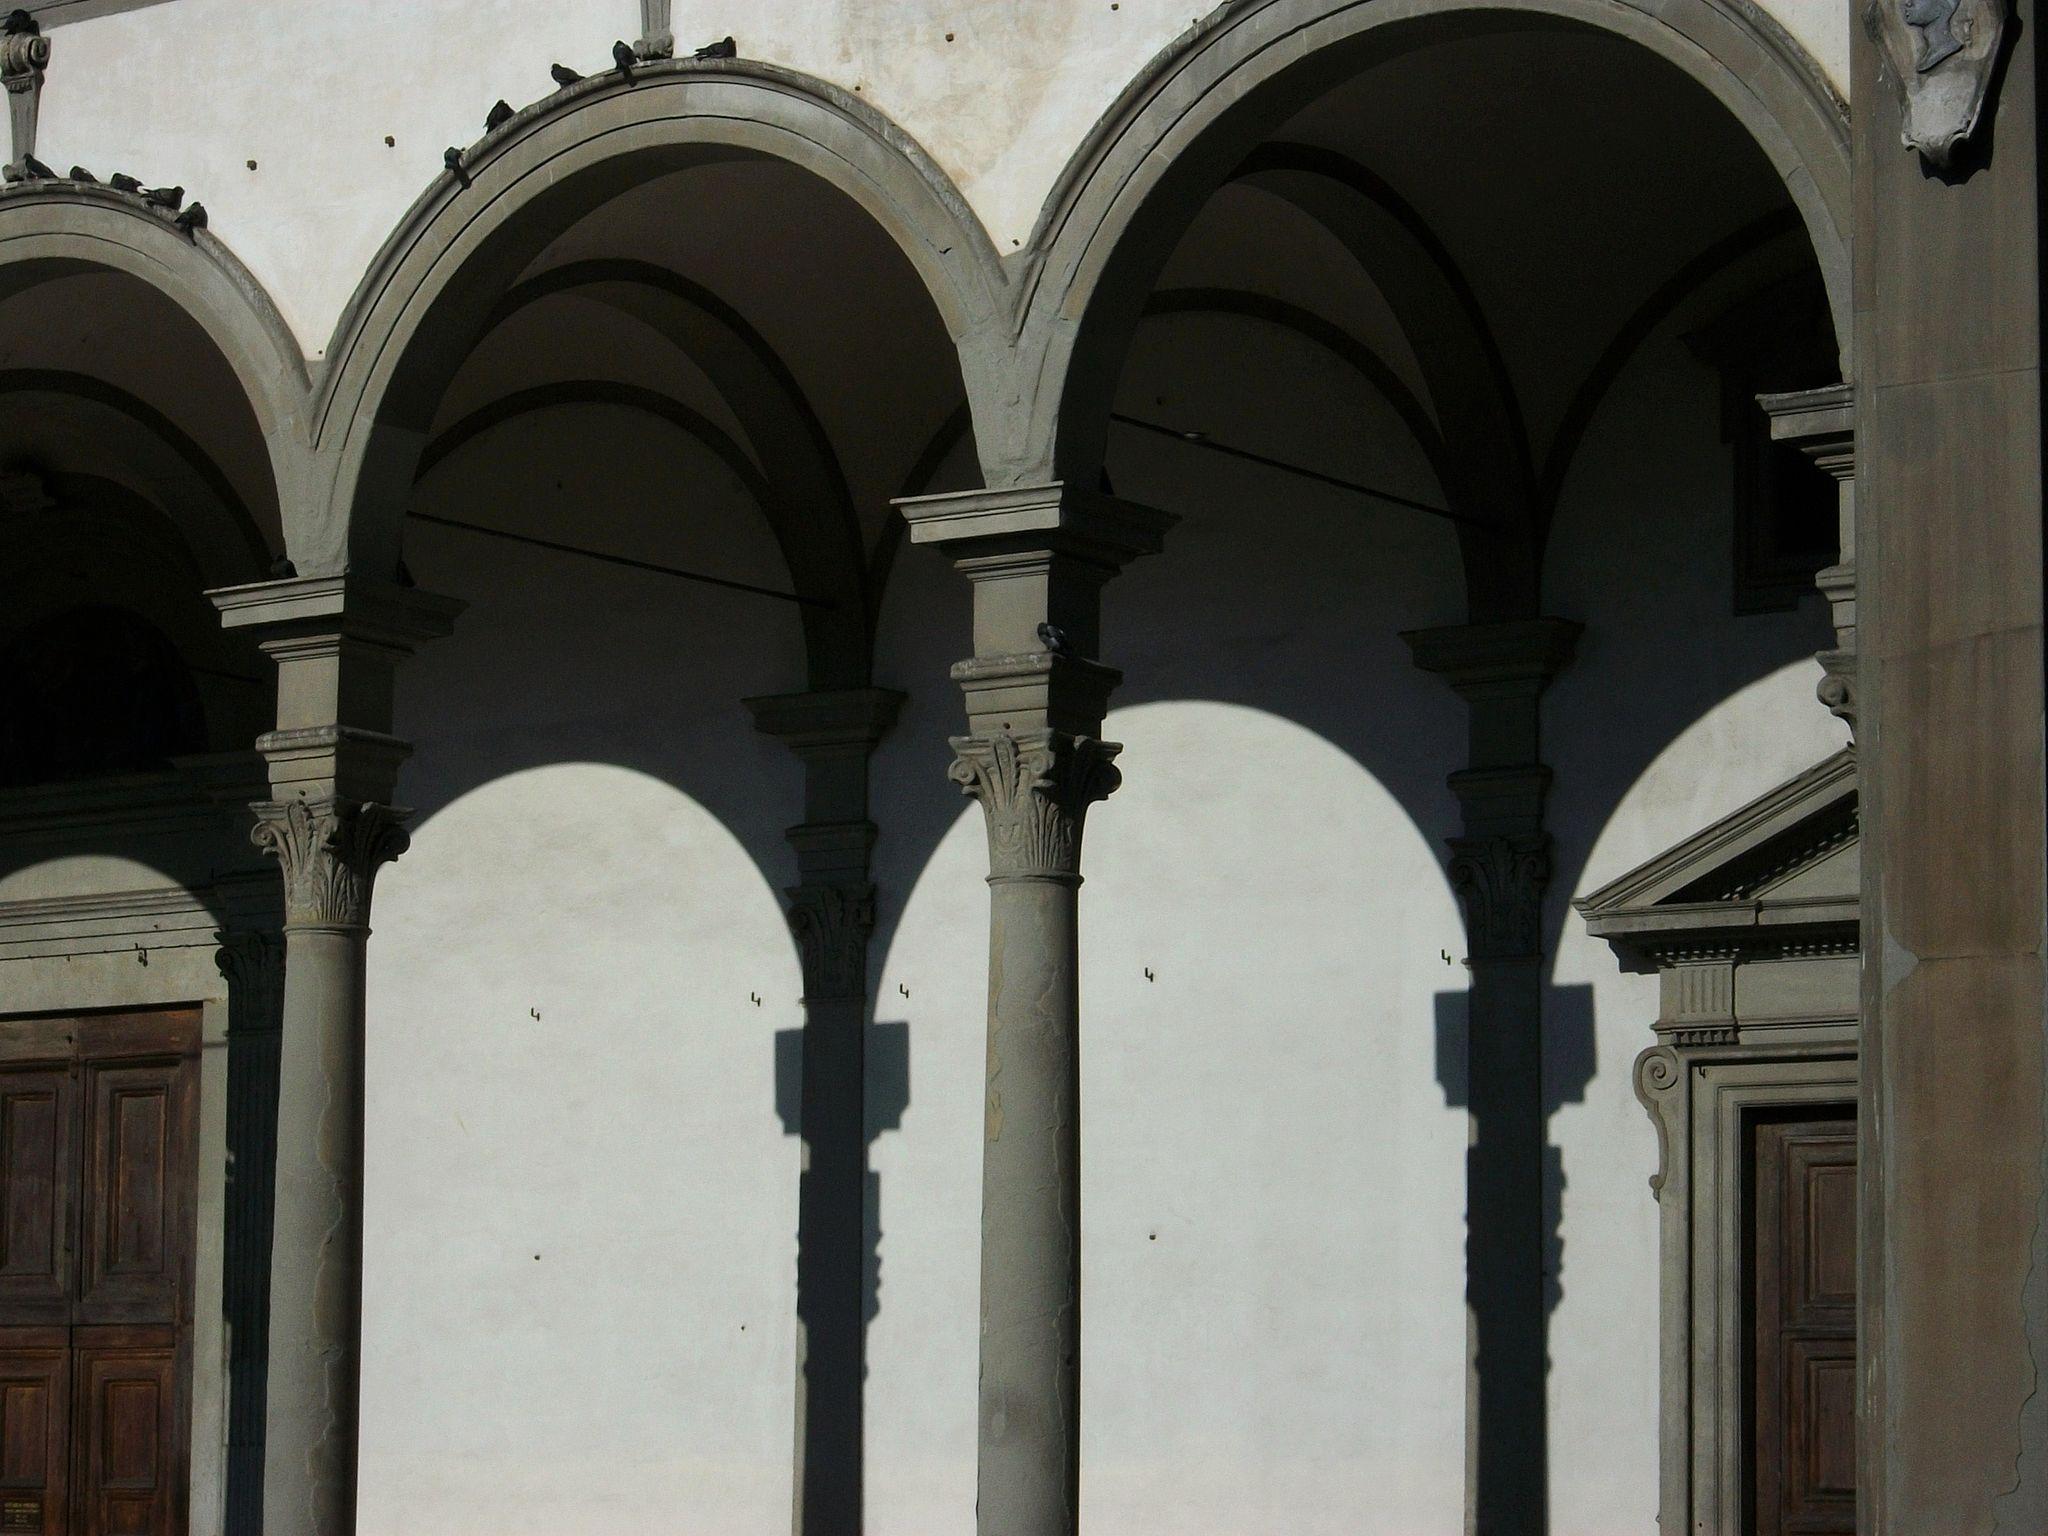 Pòrtic de la basílica de la Santissima Annunziata, Florència